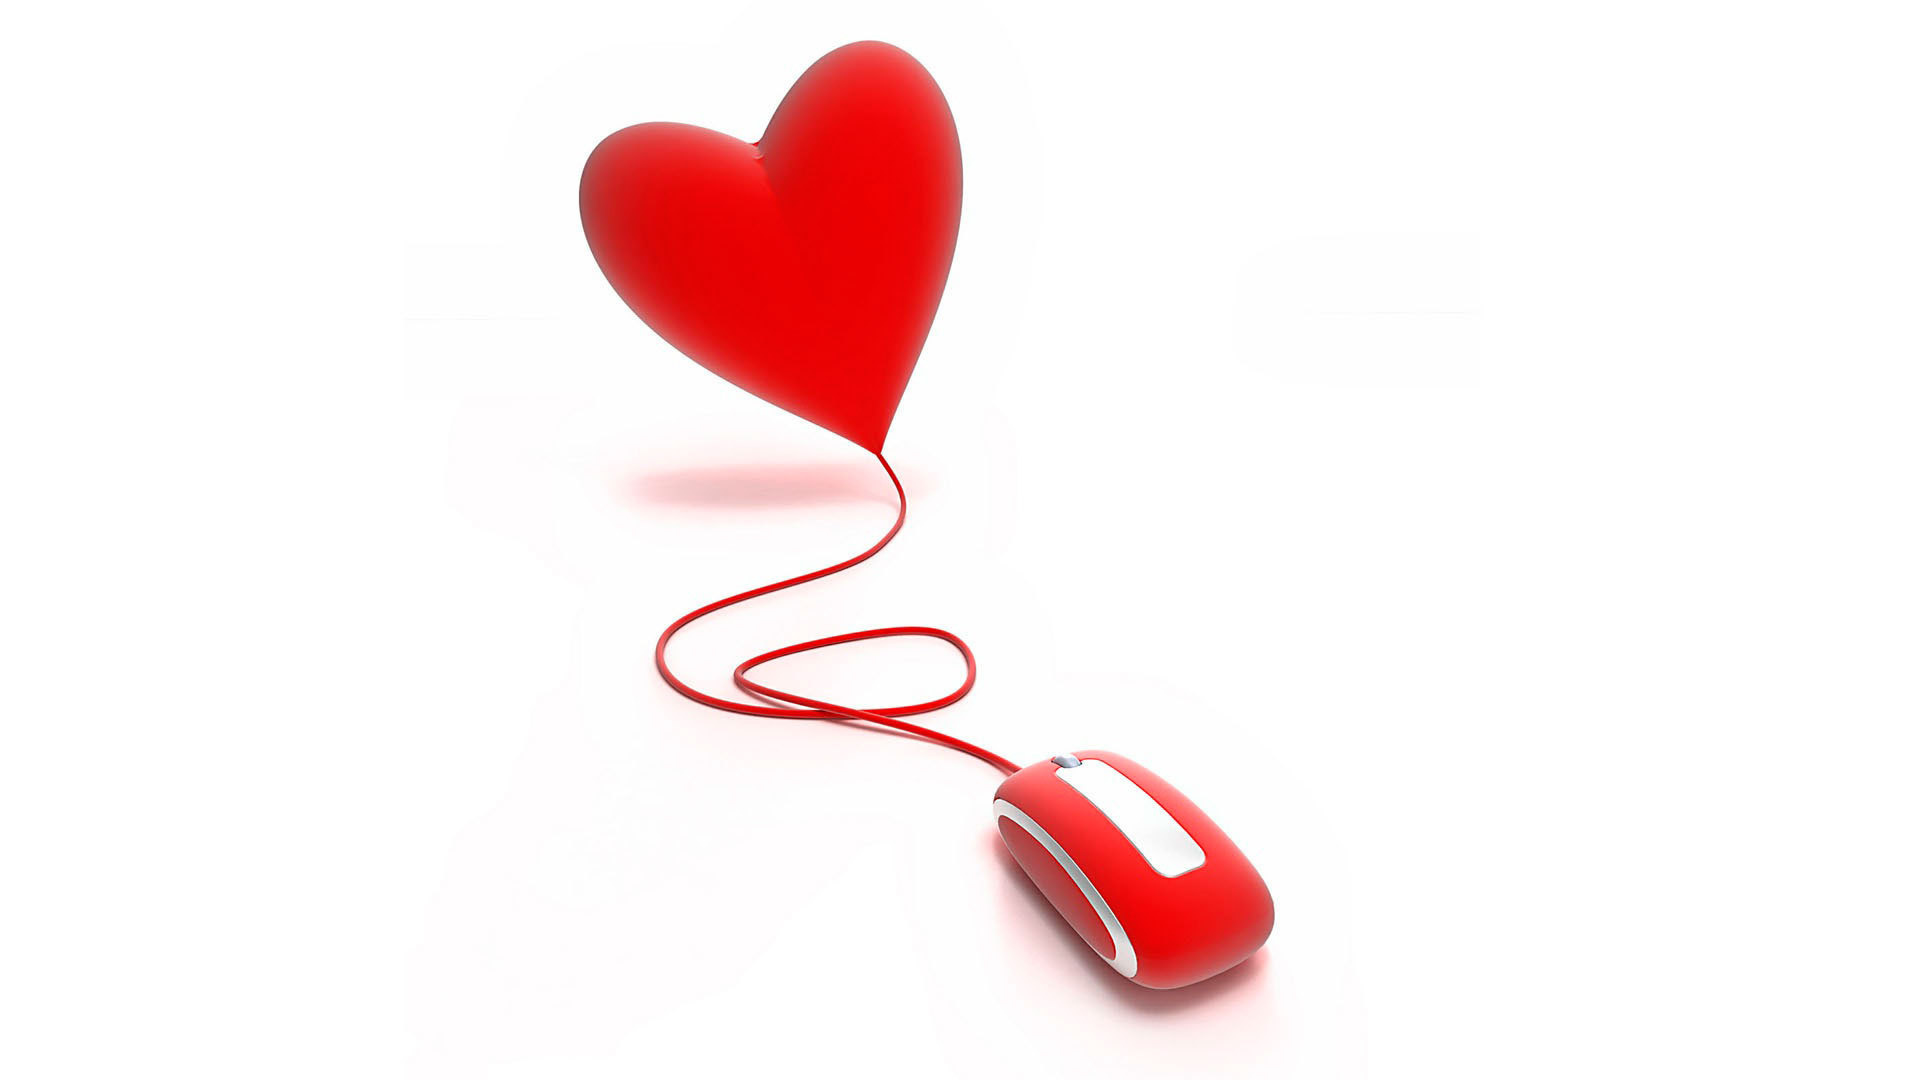 любовь сердца белые красные графика бесплатно